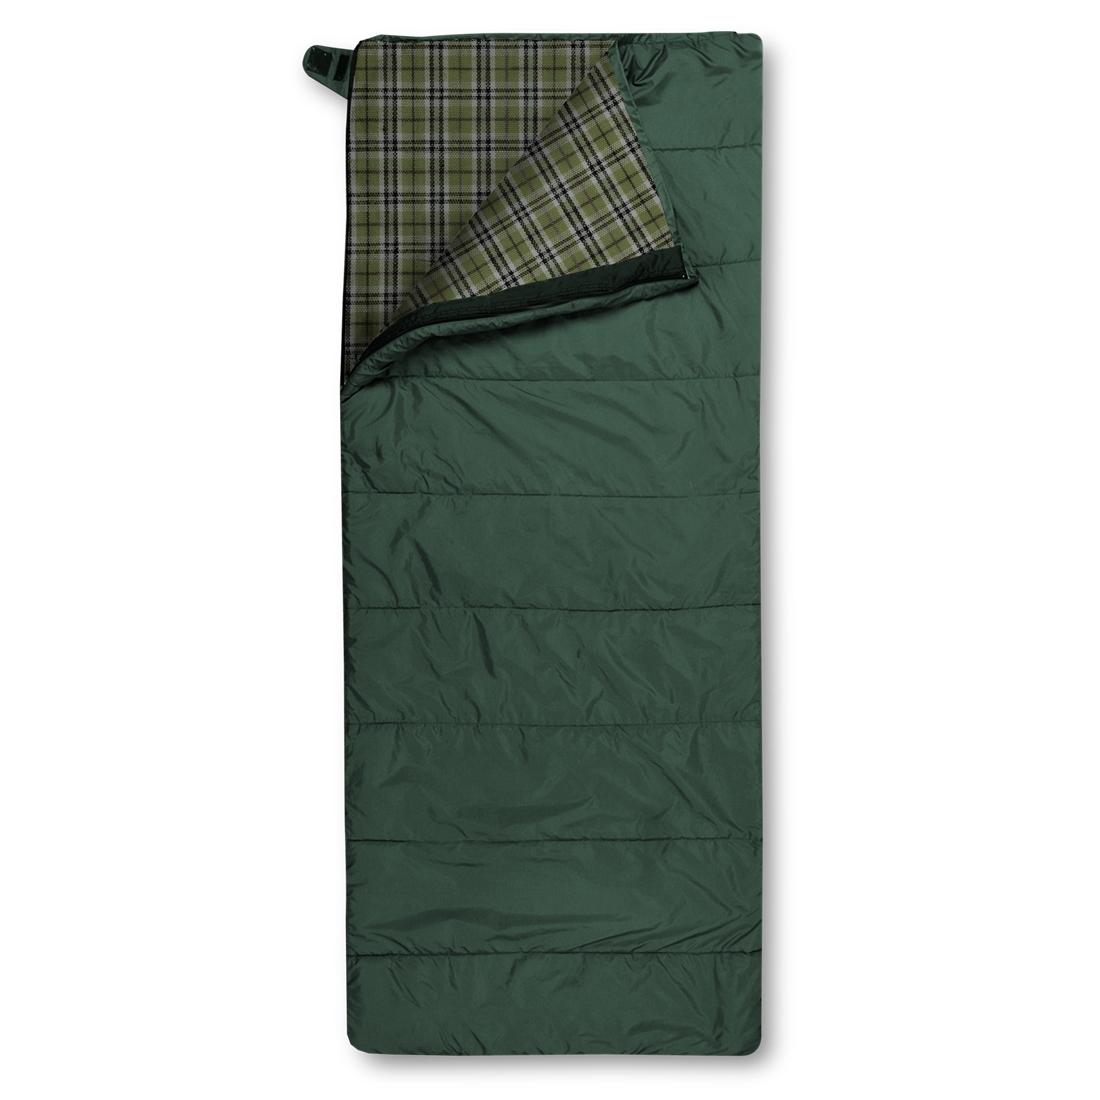 Спальный мешок Trimm Comfort TRAMP, зеленый, 195 R